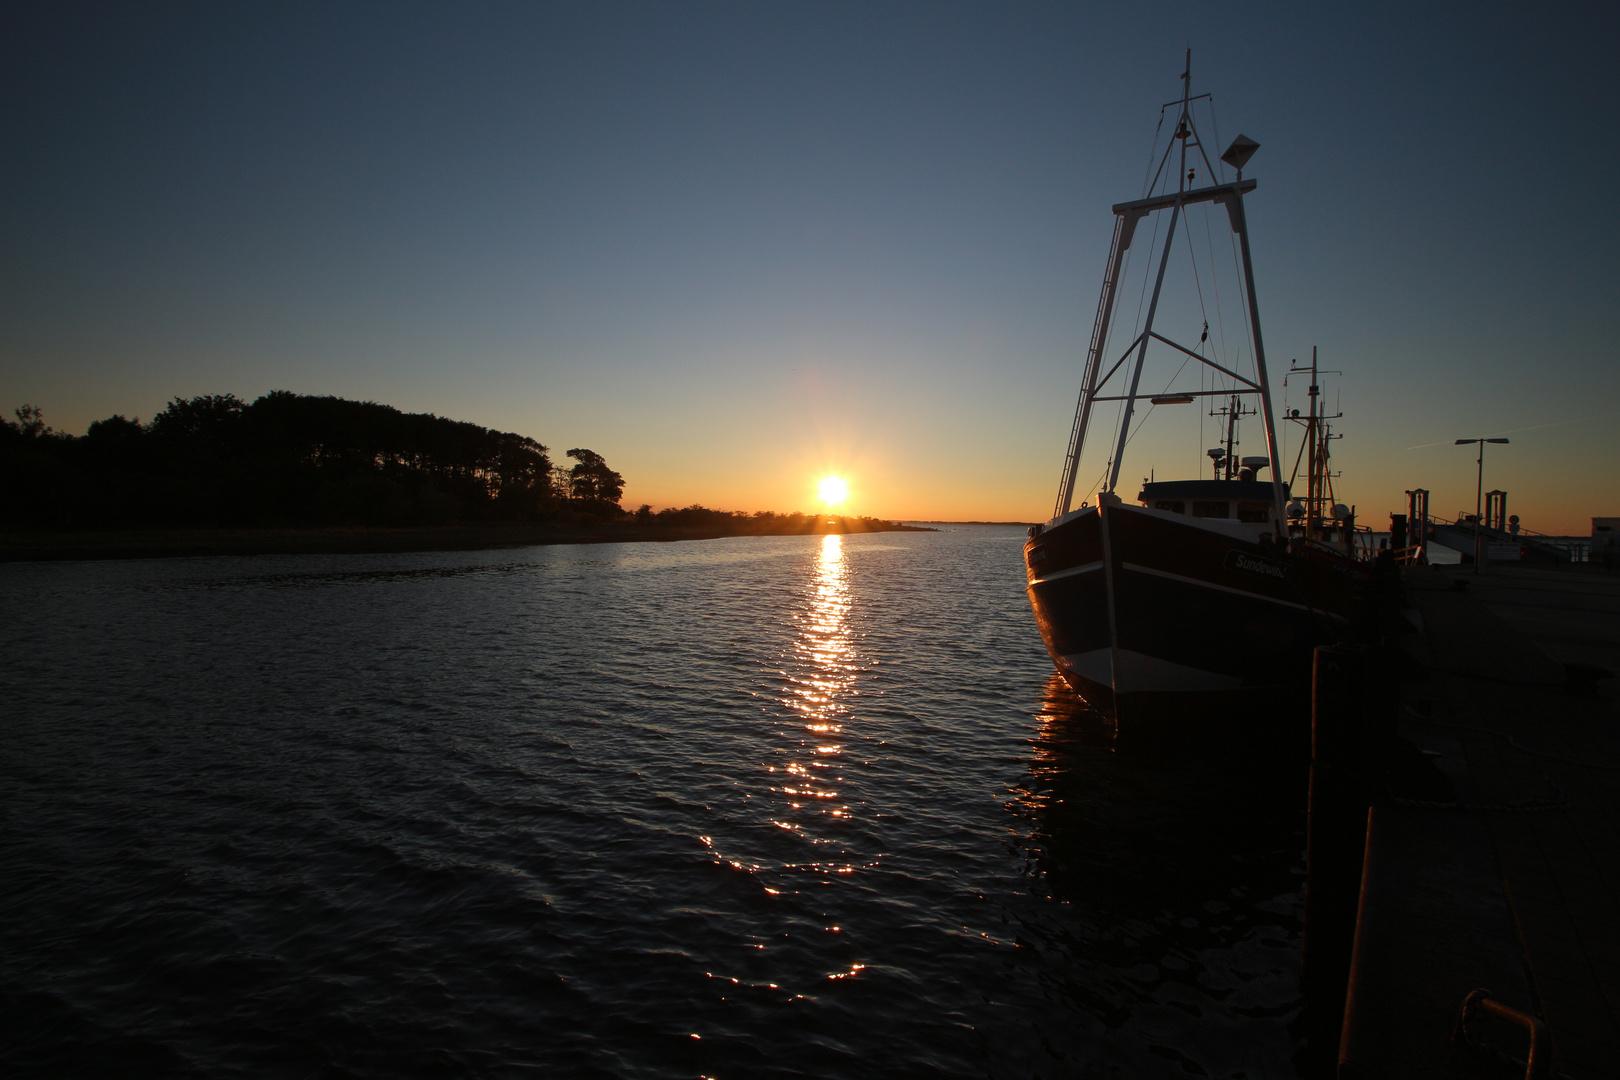 Sonnenuntergang im Hafen Schaprode